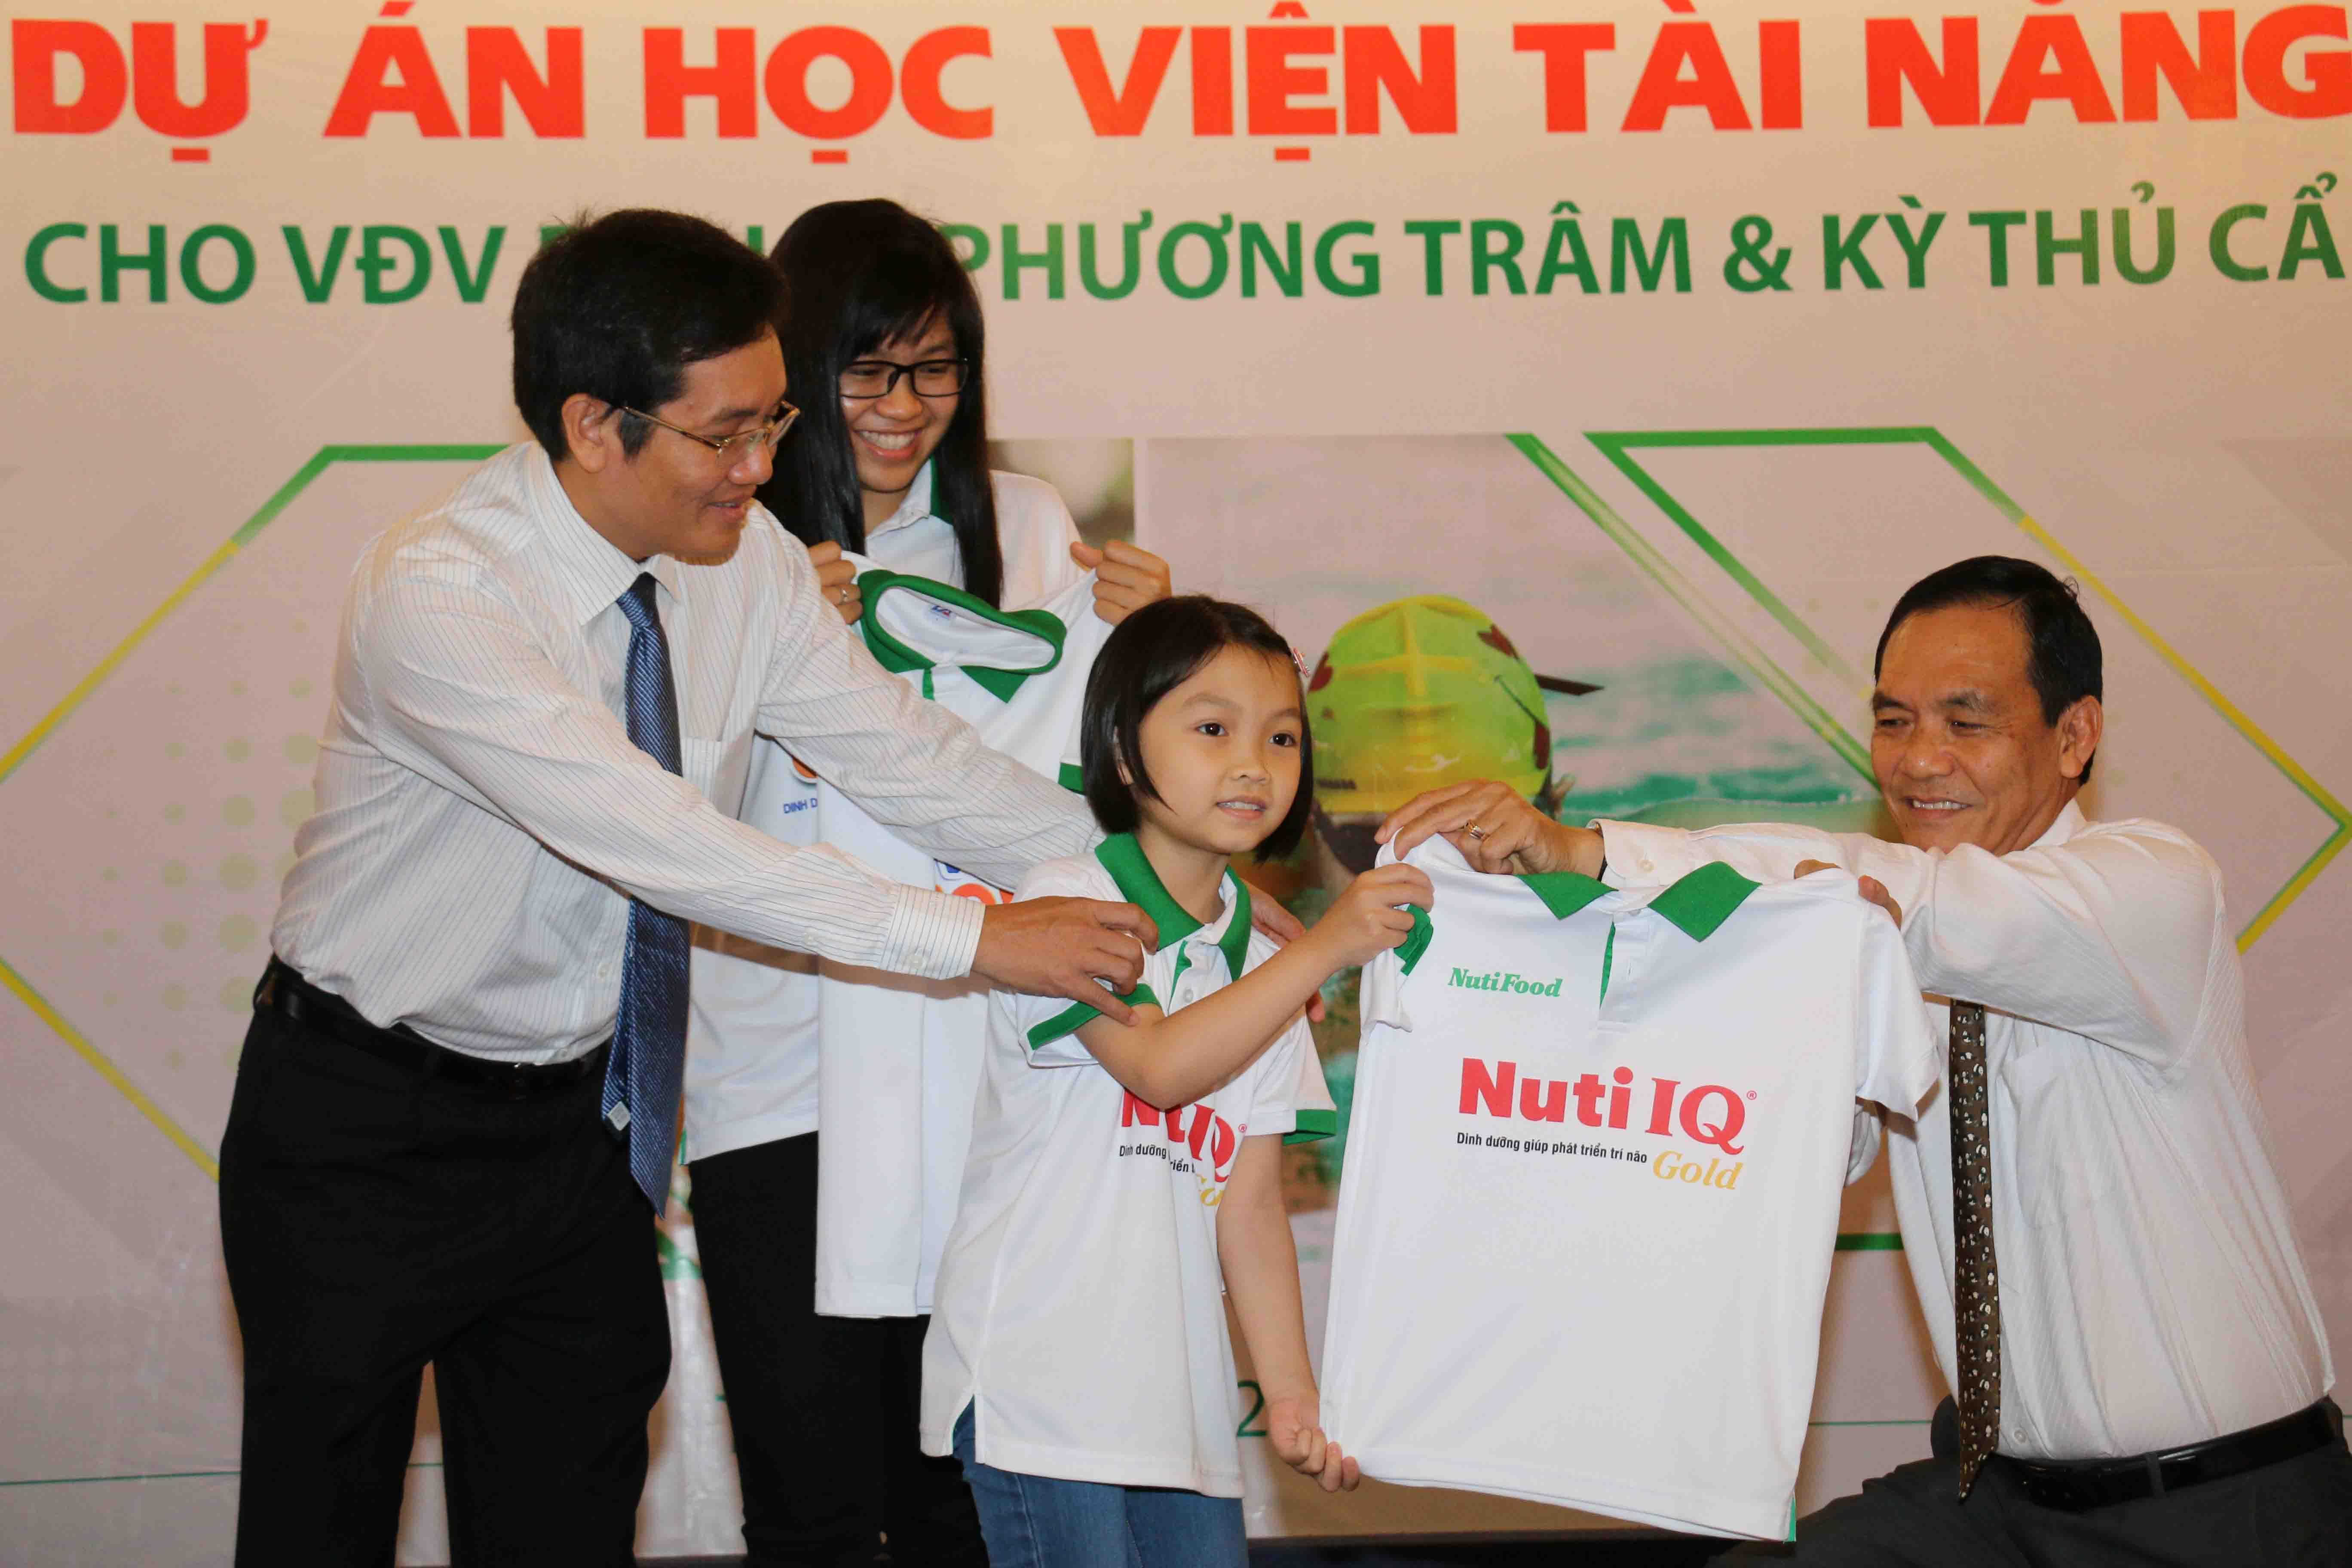 Nutifood trợ giúp các VĐV thể thao Việt Nam phát triển tiềm năng một cách tốt nhất